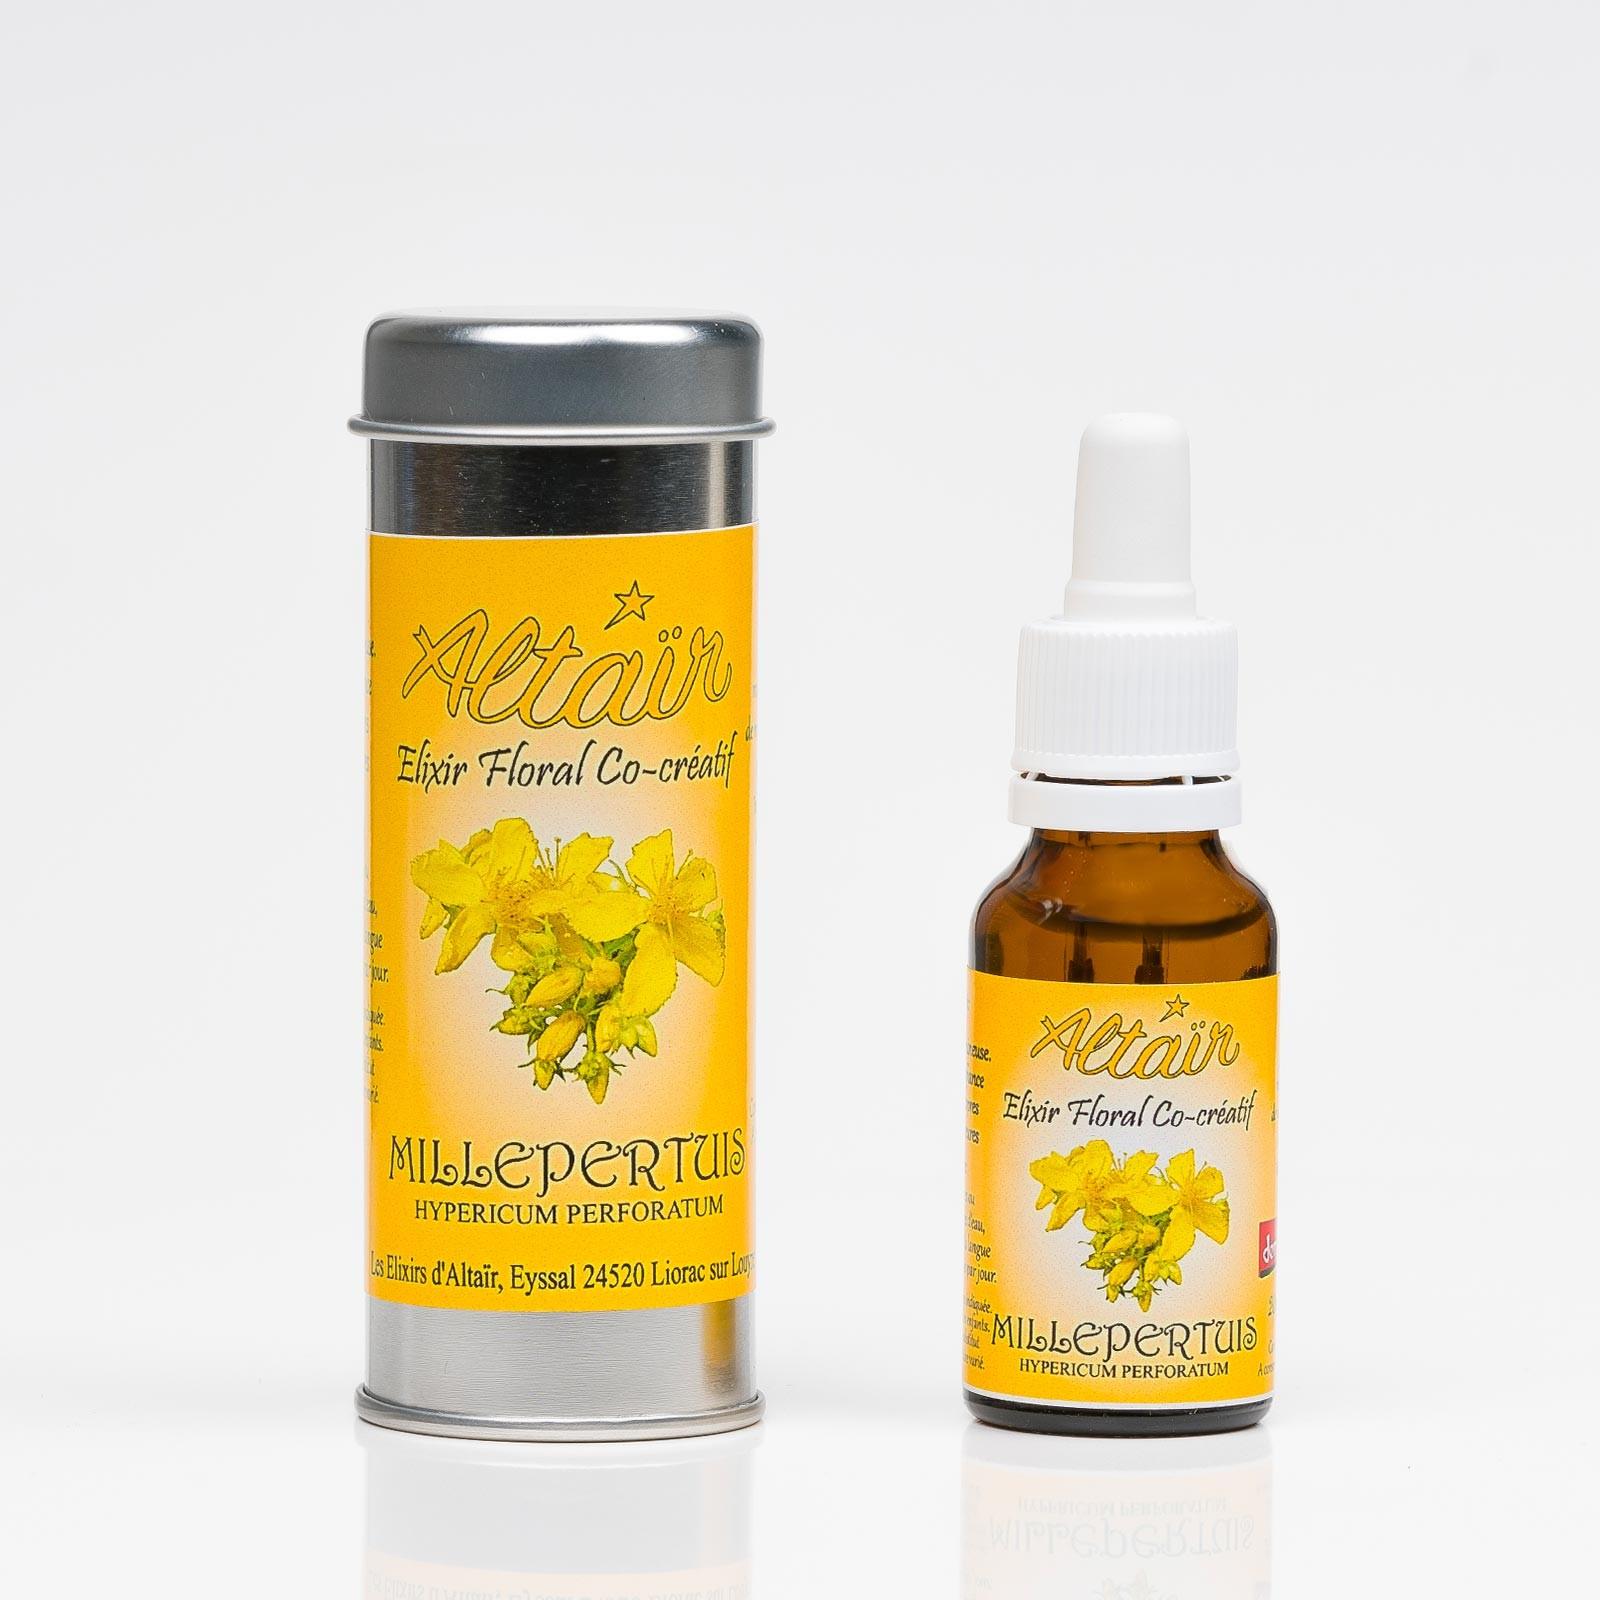 Millepertuis 320  Elixirs floraux